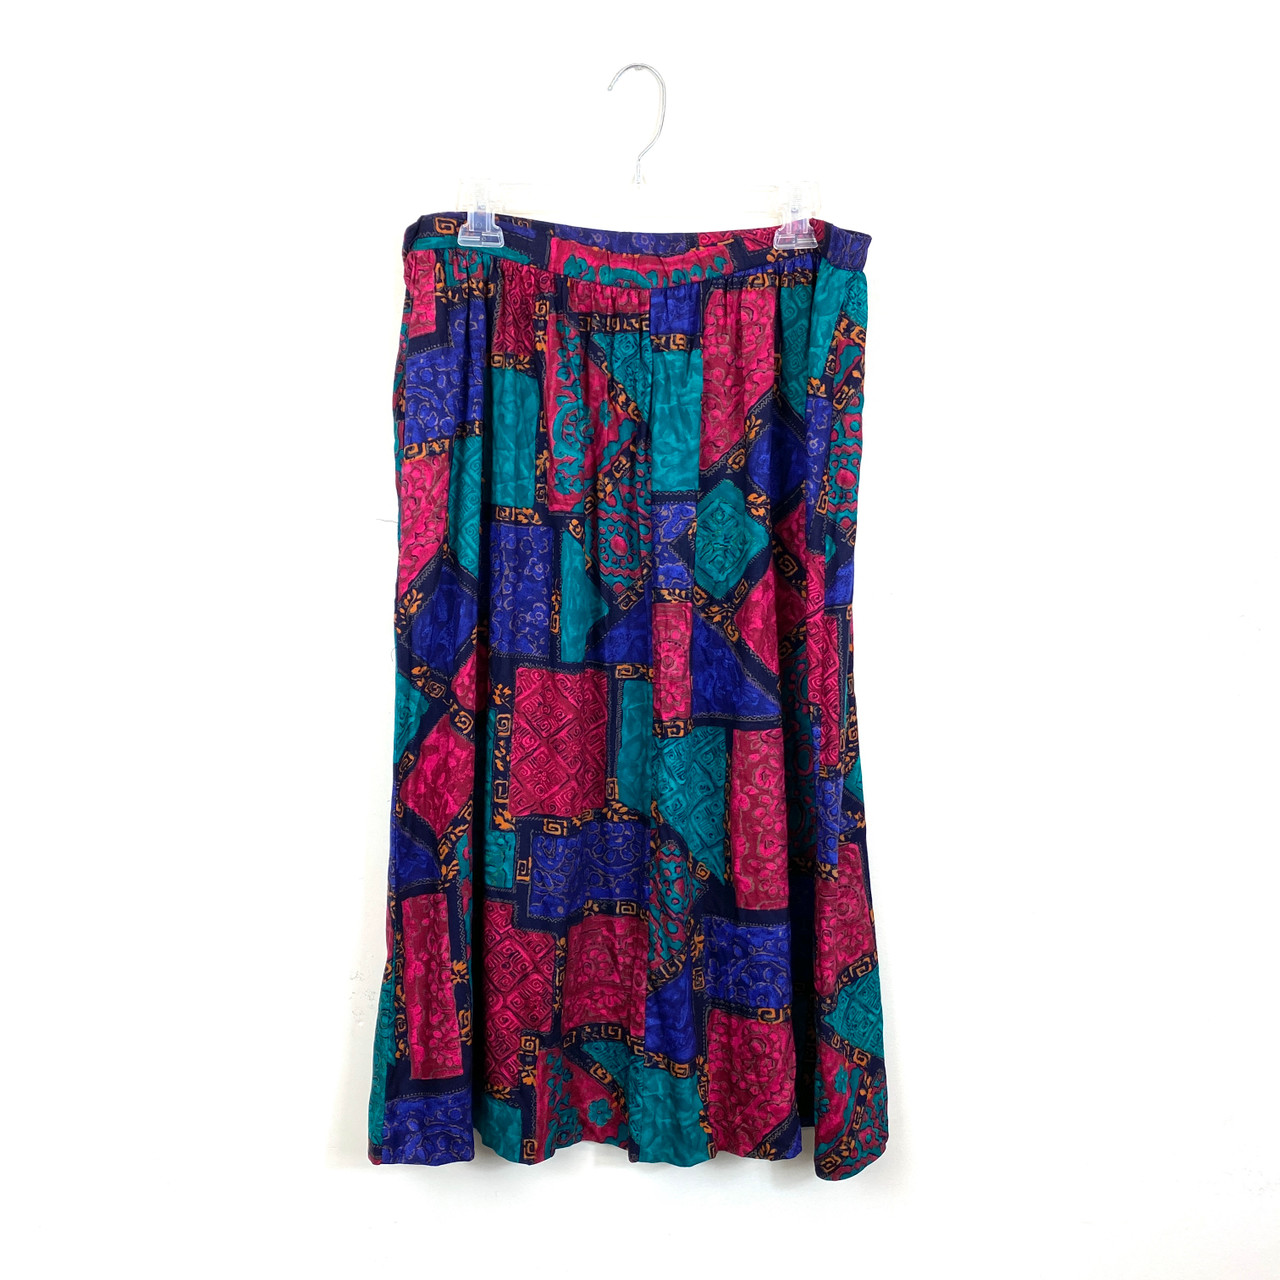 VTG ALFRED DUNNER Printed Skirt